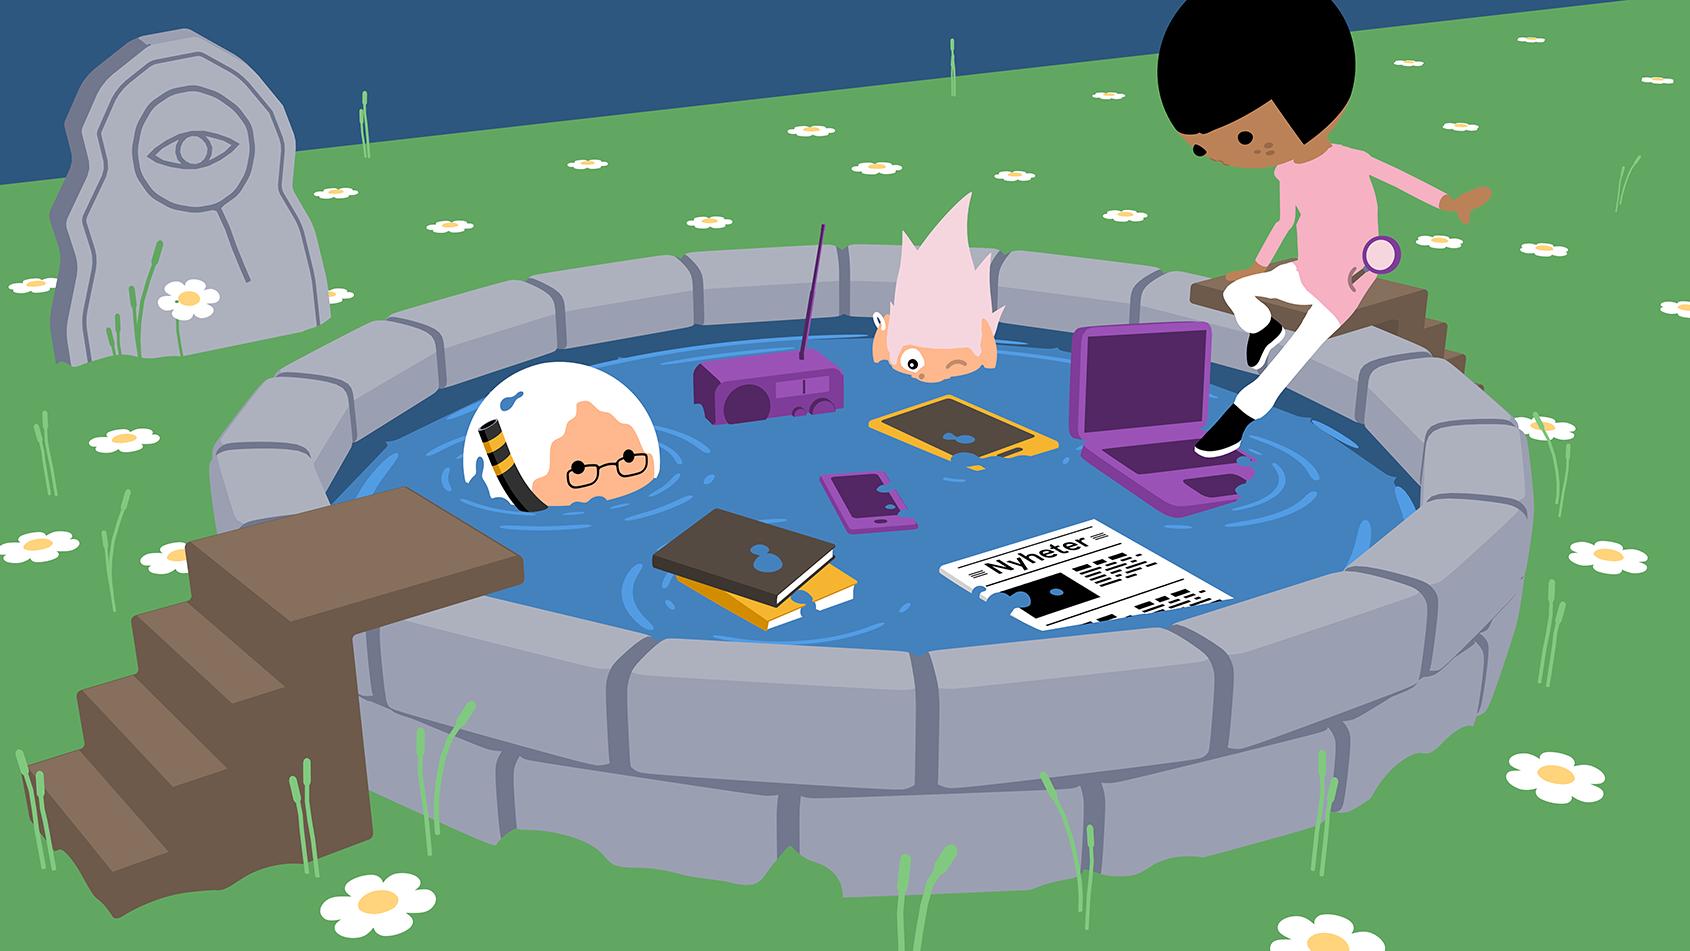 en illustration av en källa med källor och ett barn som prövar dessa genom att ta sig över källan